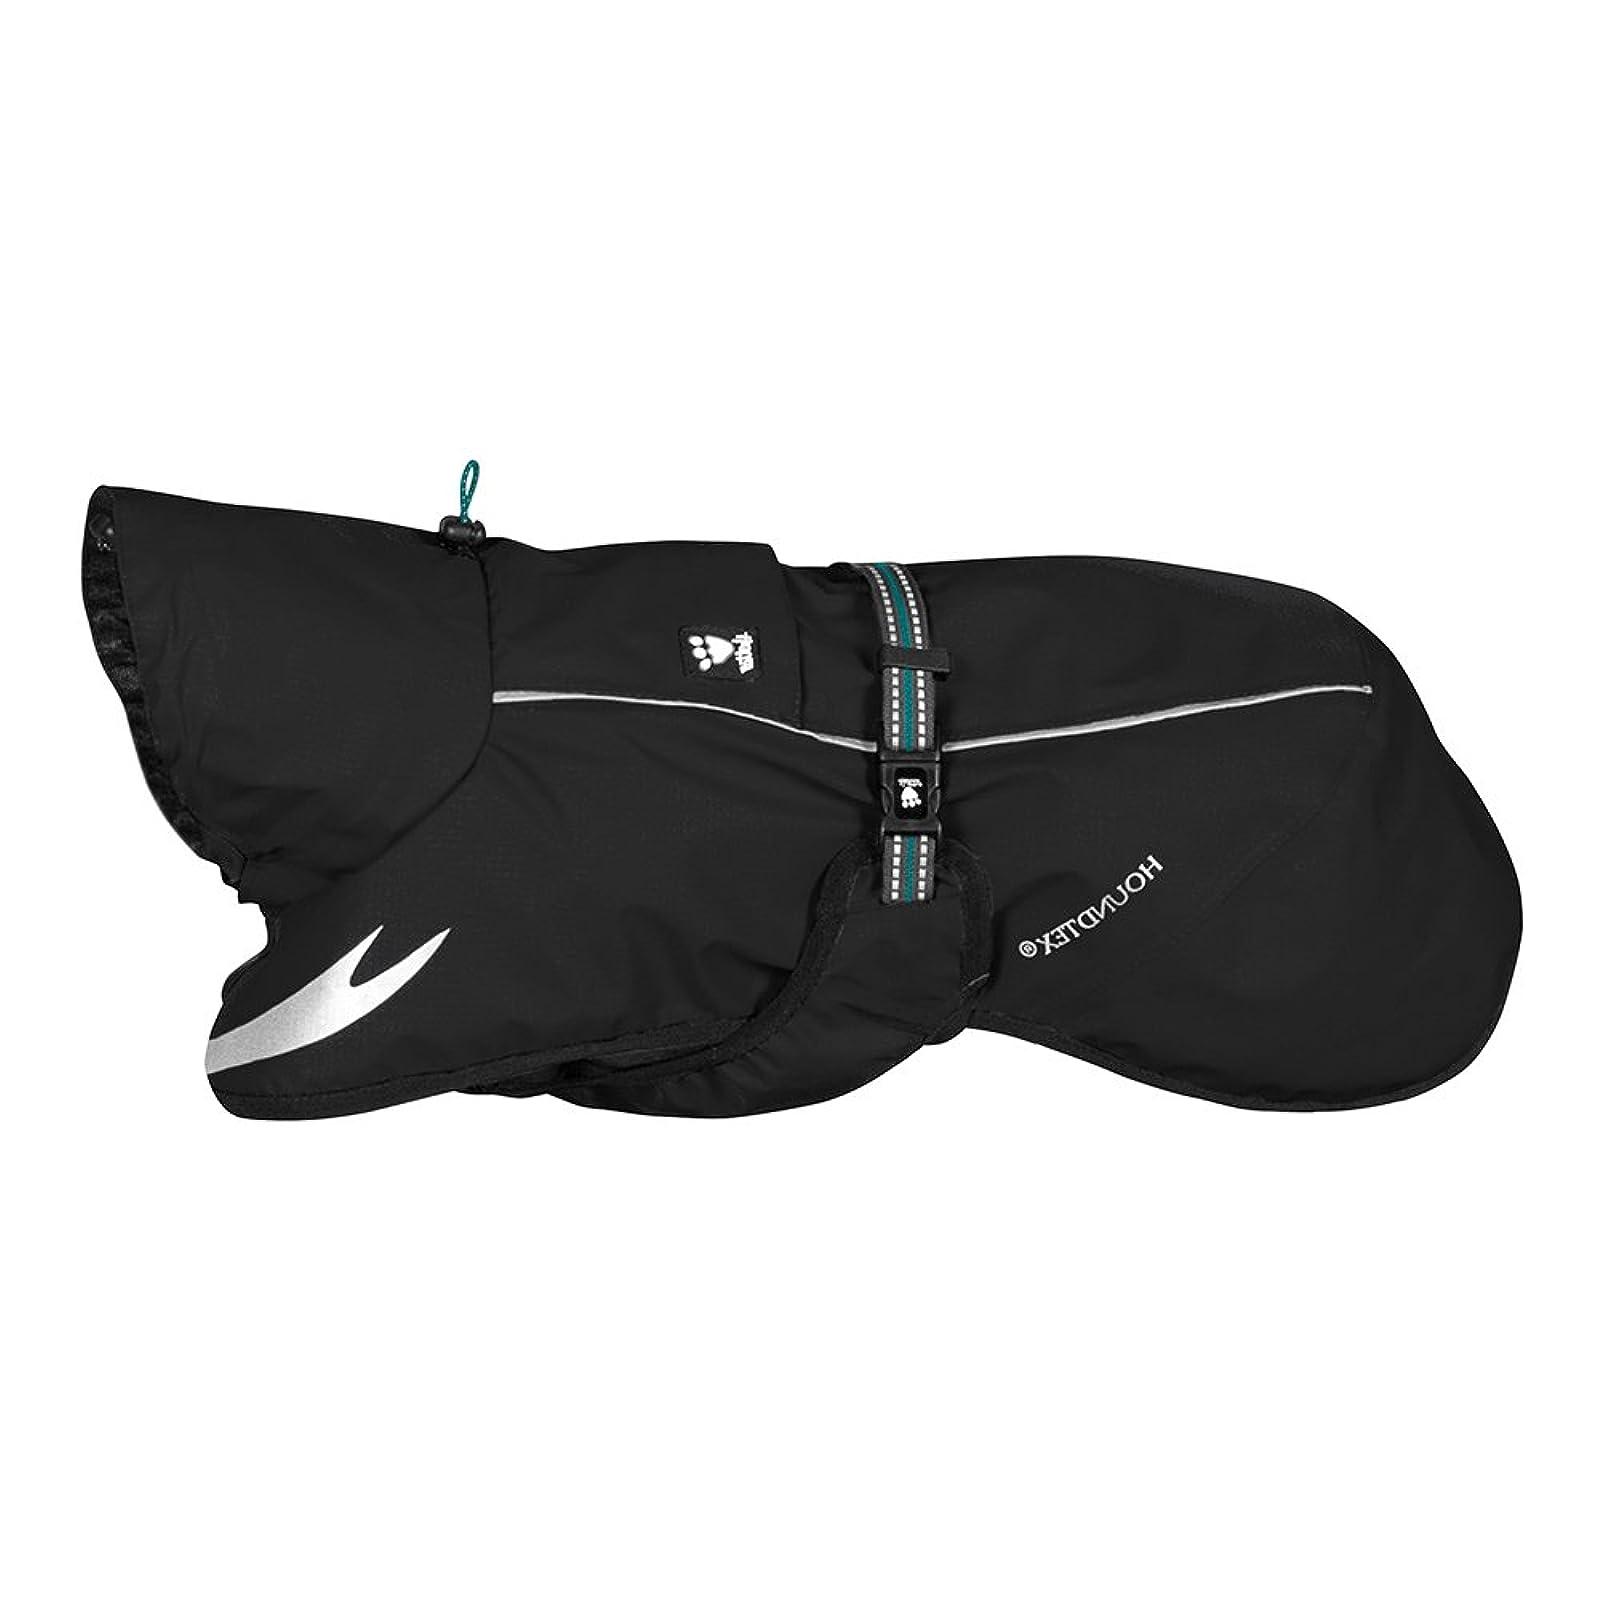 Hurtta Torrent Coat Dog Raincoat Raven 20 in HU931866 - 1